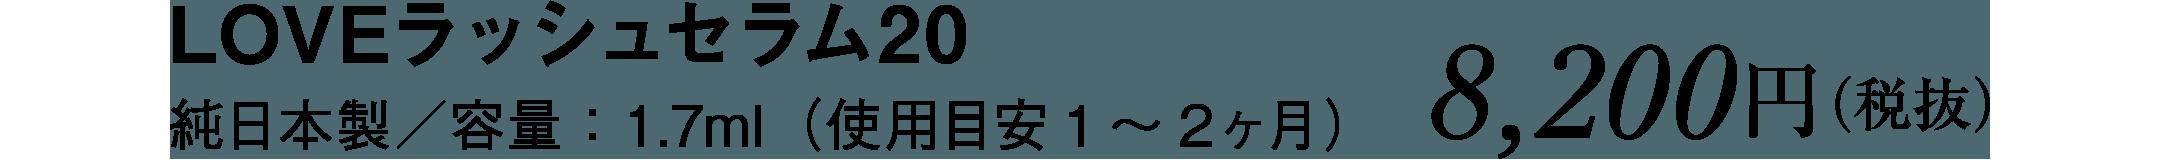 LOVEラッシュセラム20 純日本製/容量:1.7ml(使用目安1~2ヶ月)8,200円(税抜)